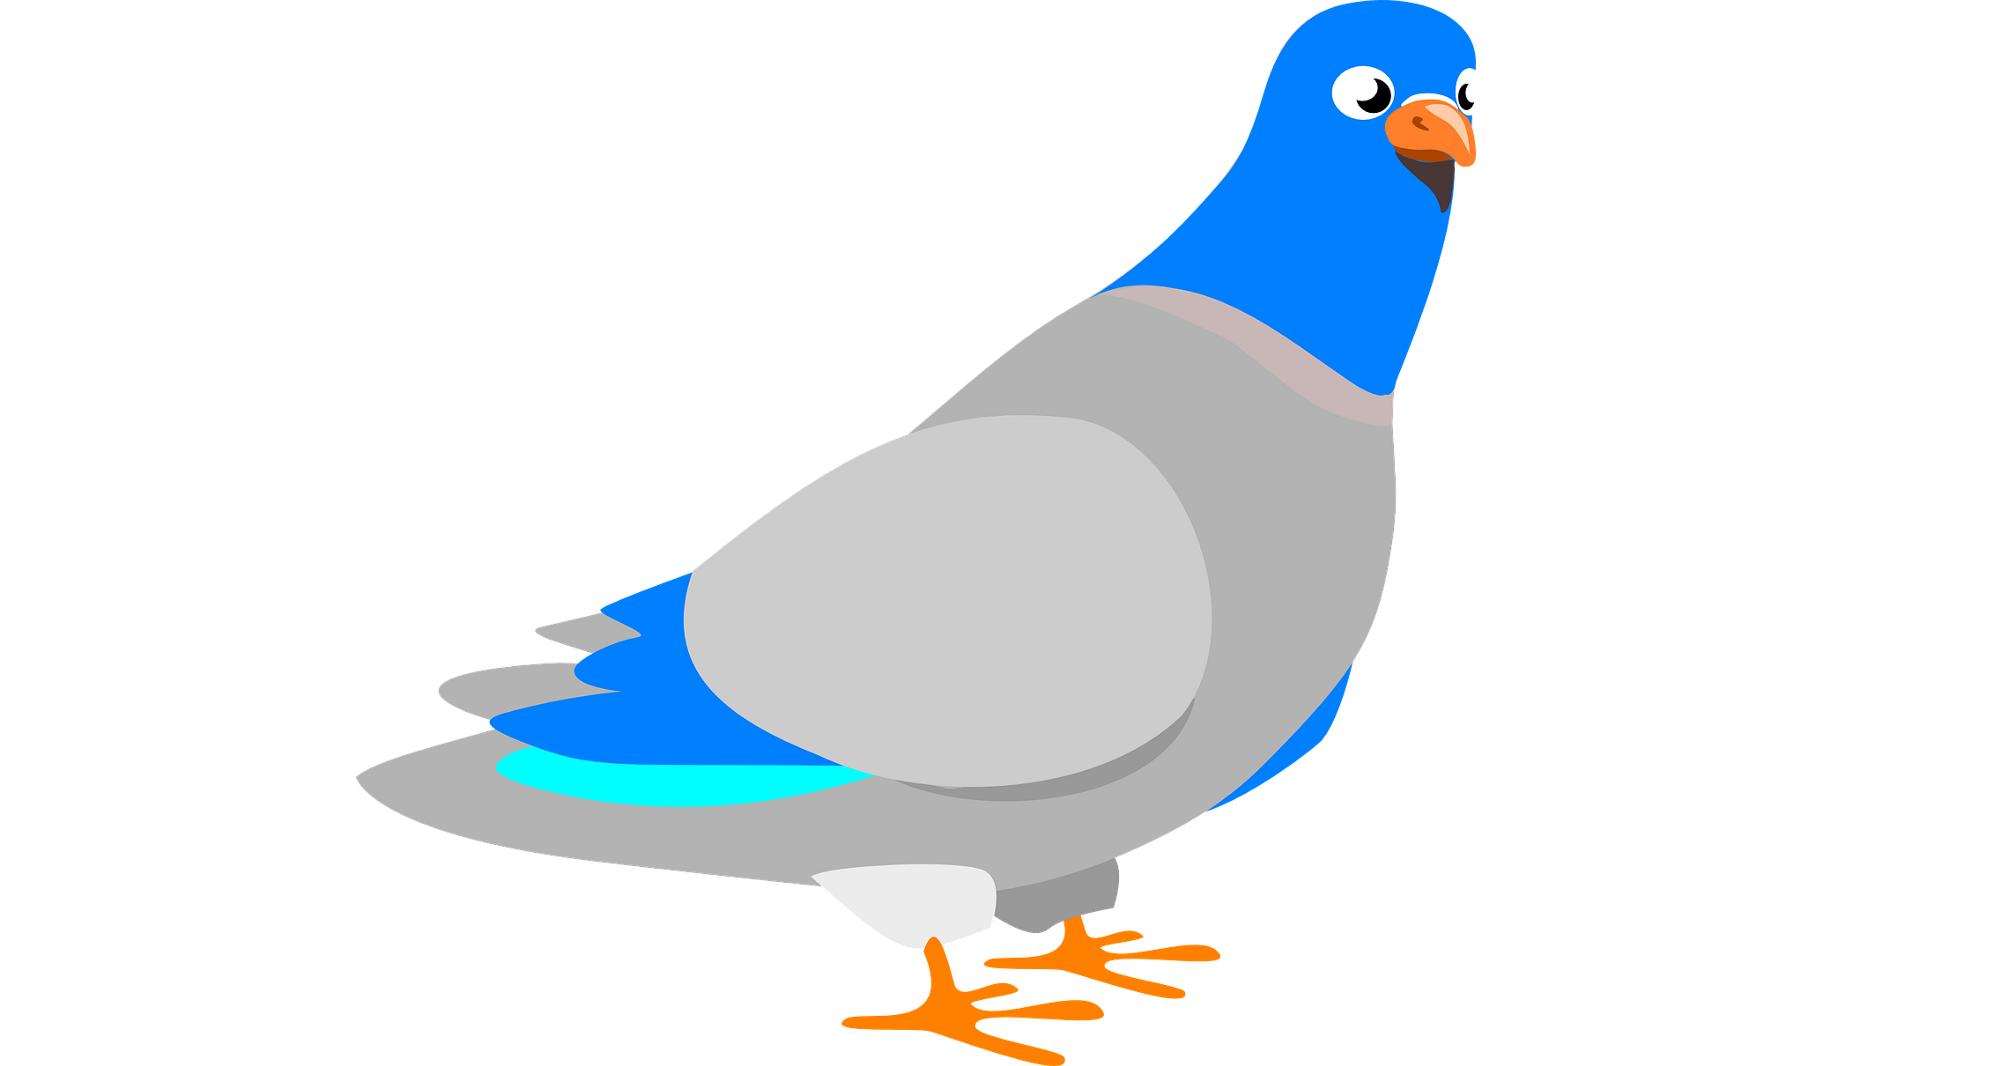 به روش کبوتر نامه بر با HTTPS آشنا شوید